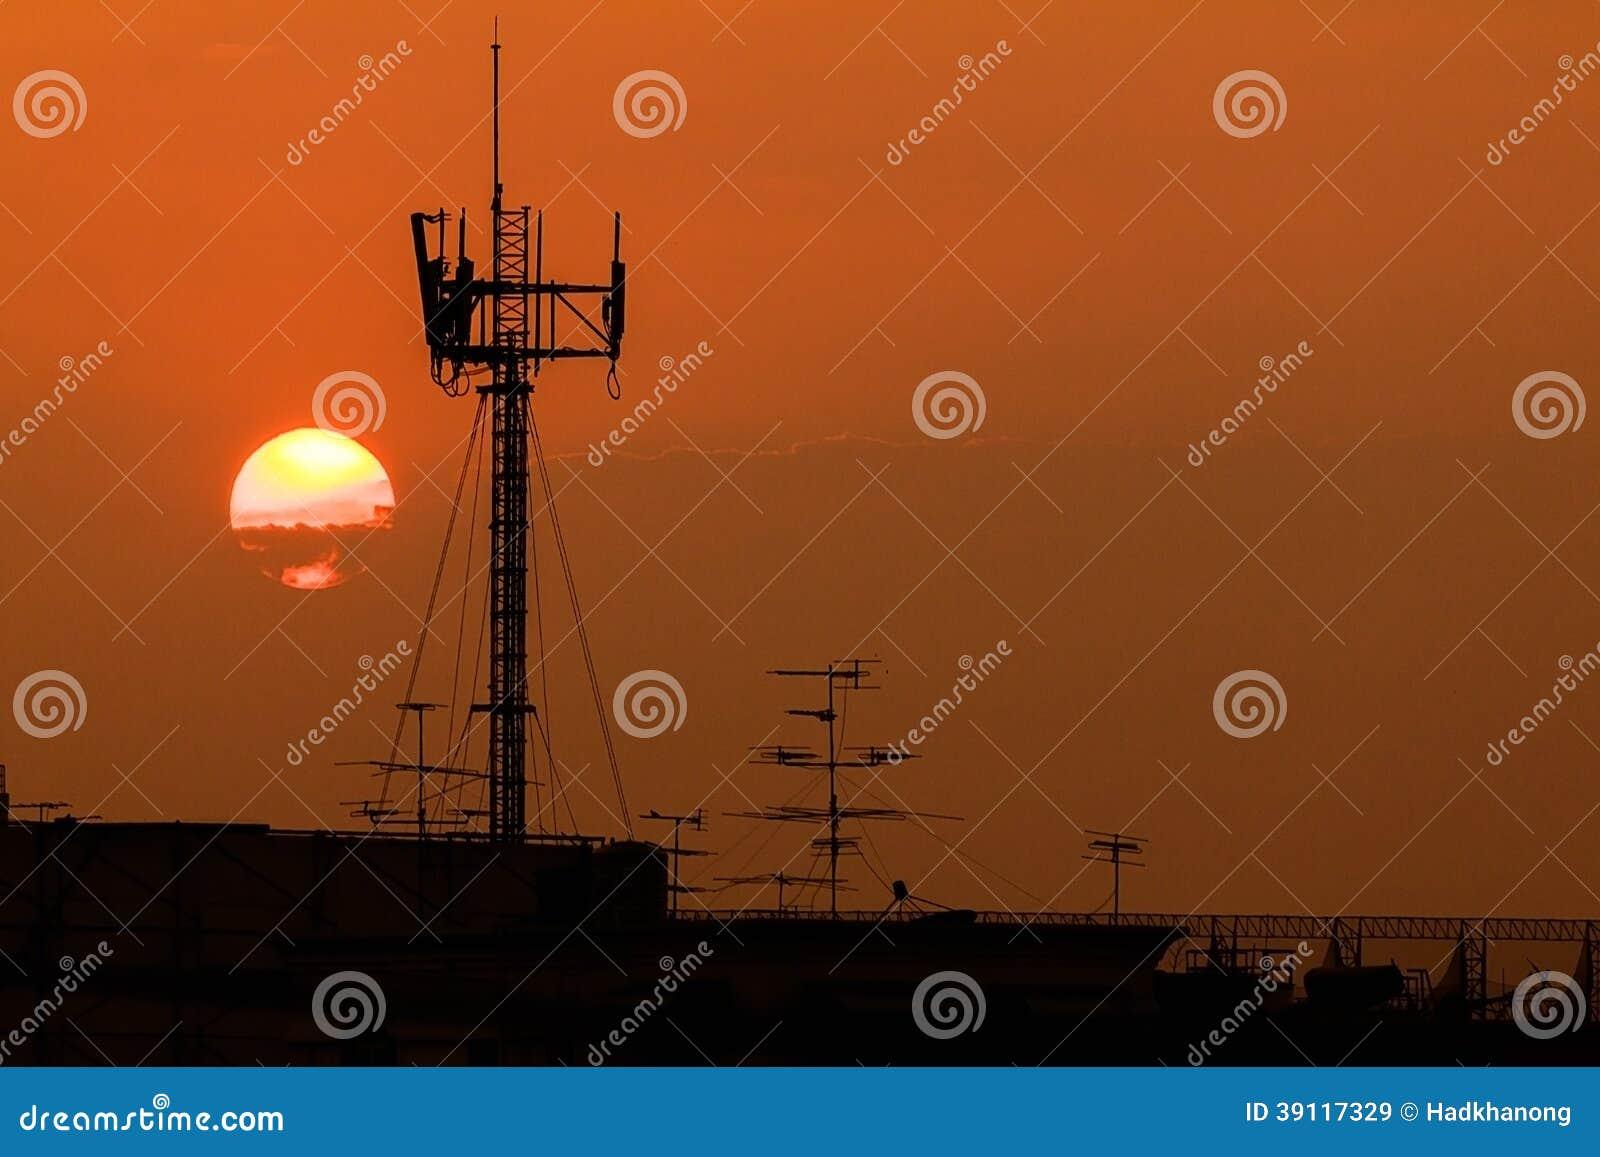 Wirelss broaband antenne op het dak